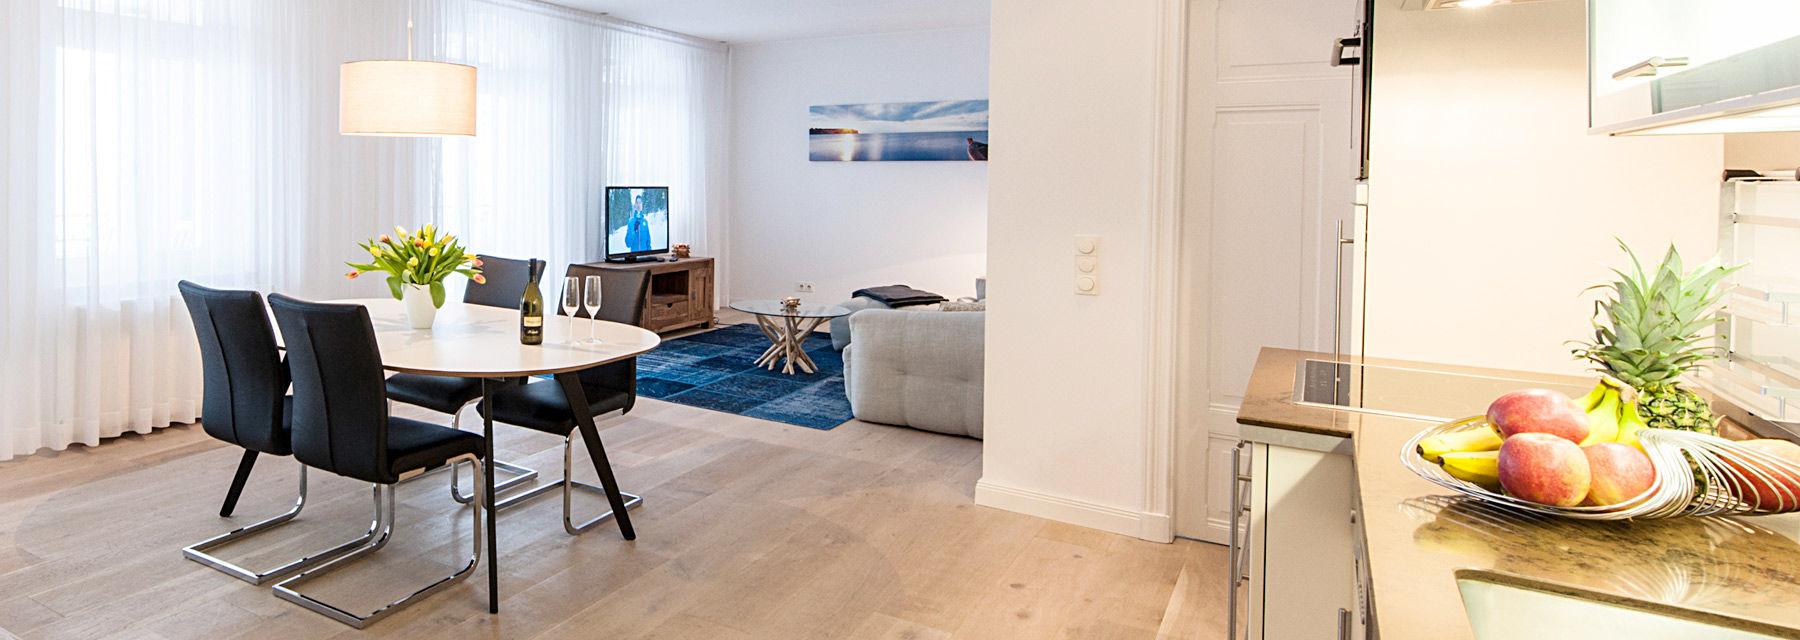 modernes appartement binz